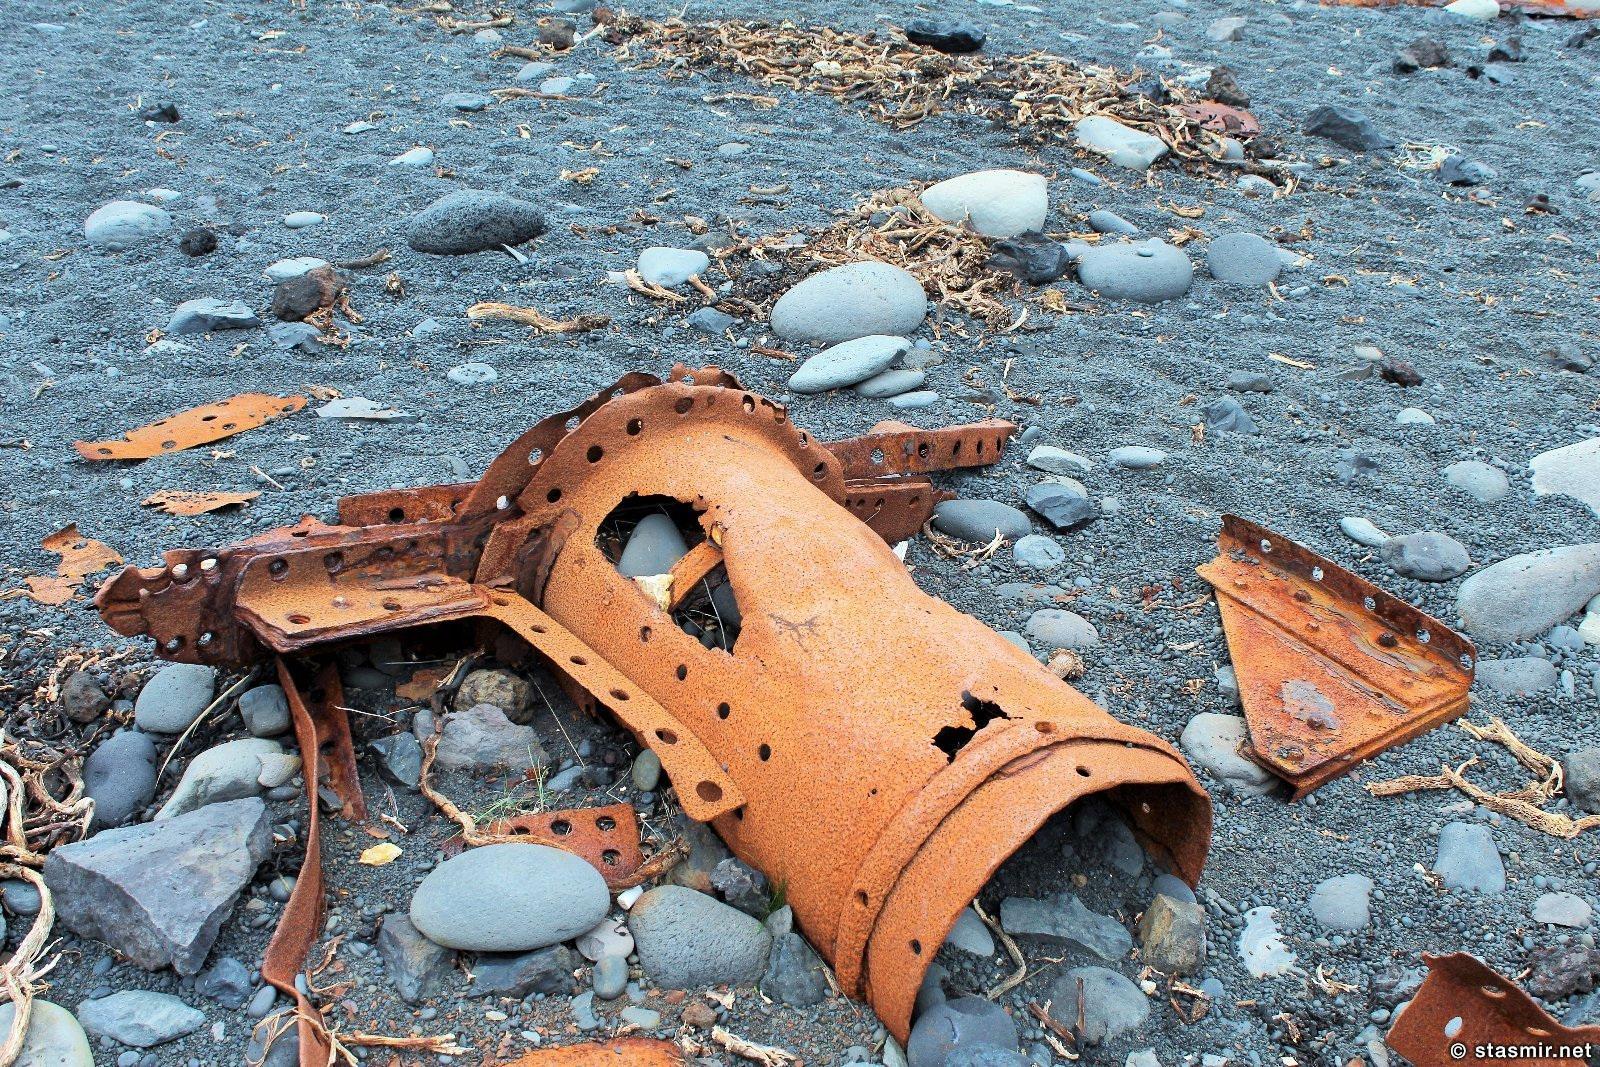 Dritvík, Epine Trawler, Залив Дритвик, остатки британского траулера, Снайфедльснес, Западная Исландия, photo Stasmir